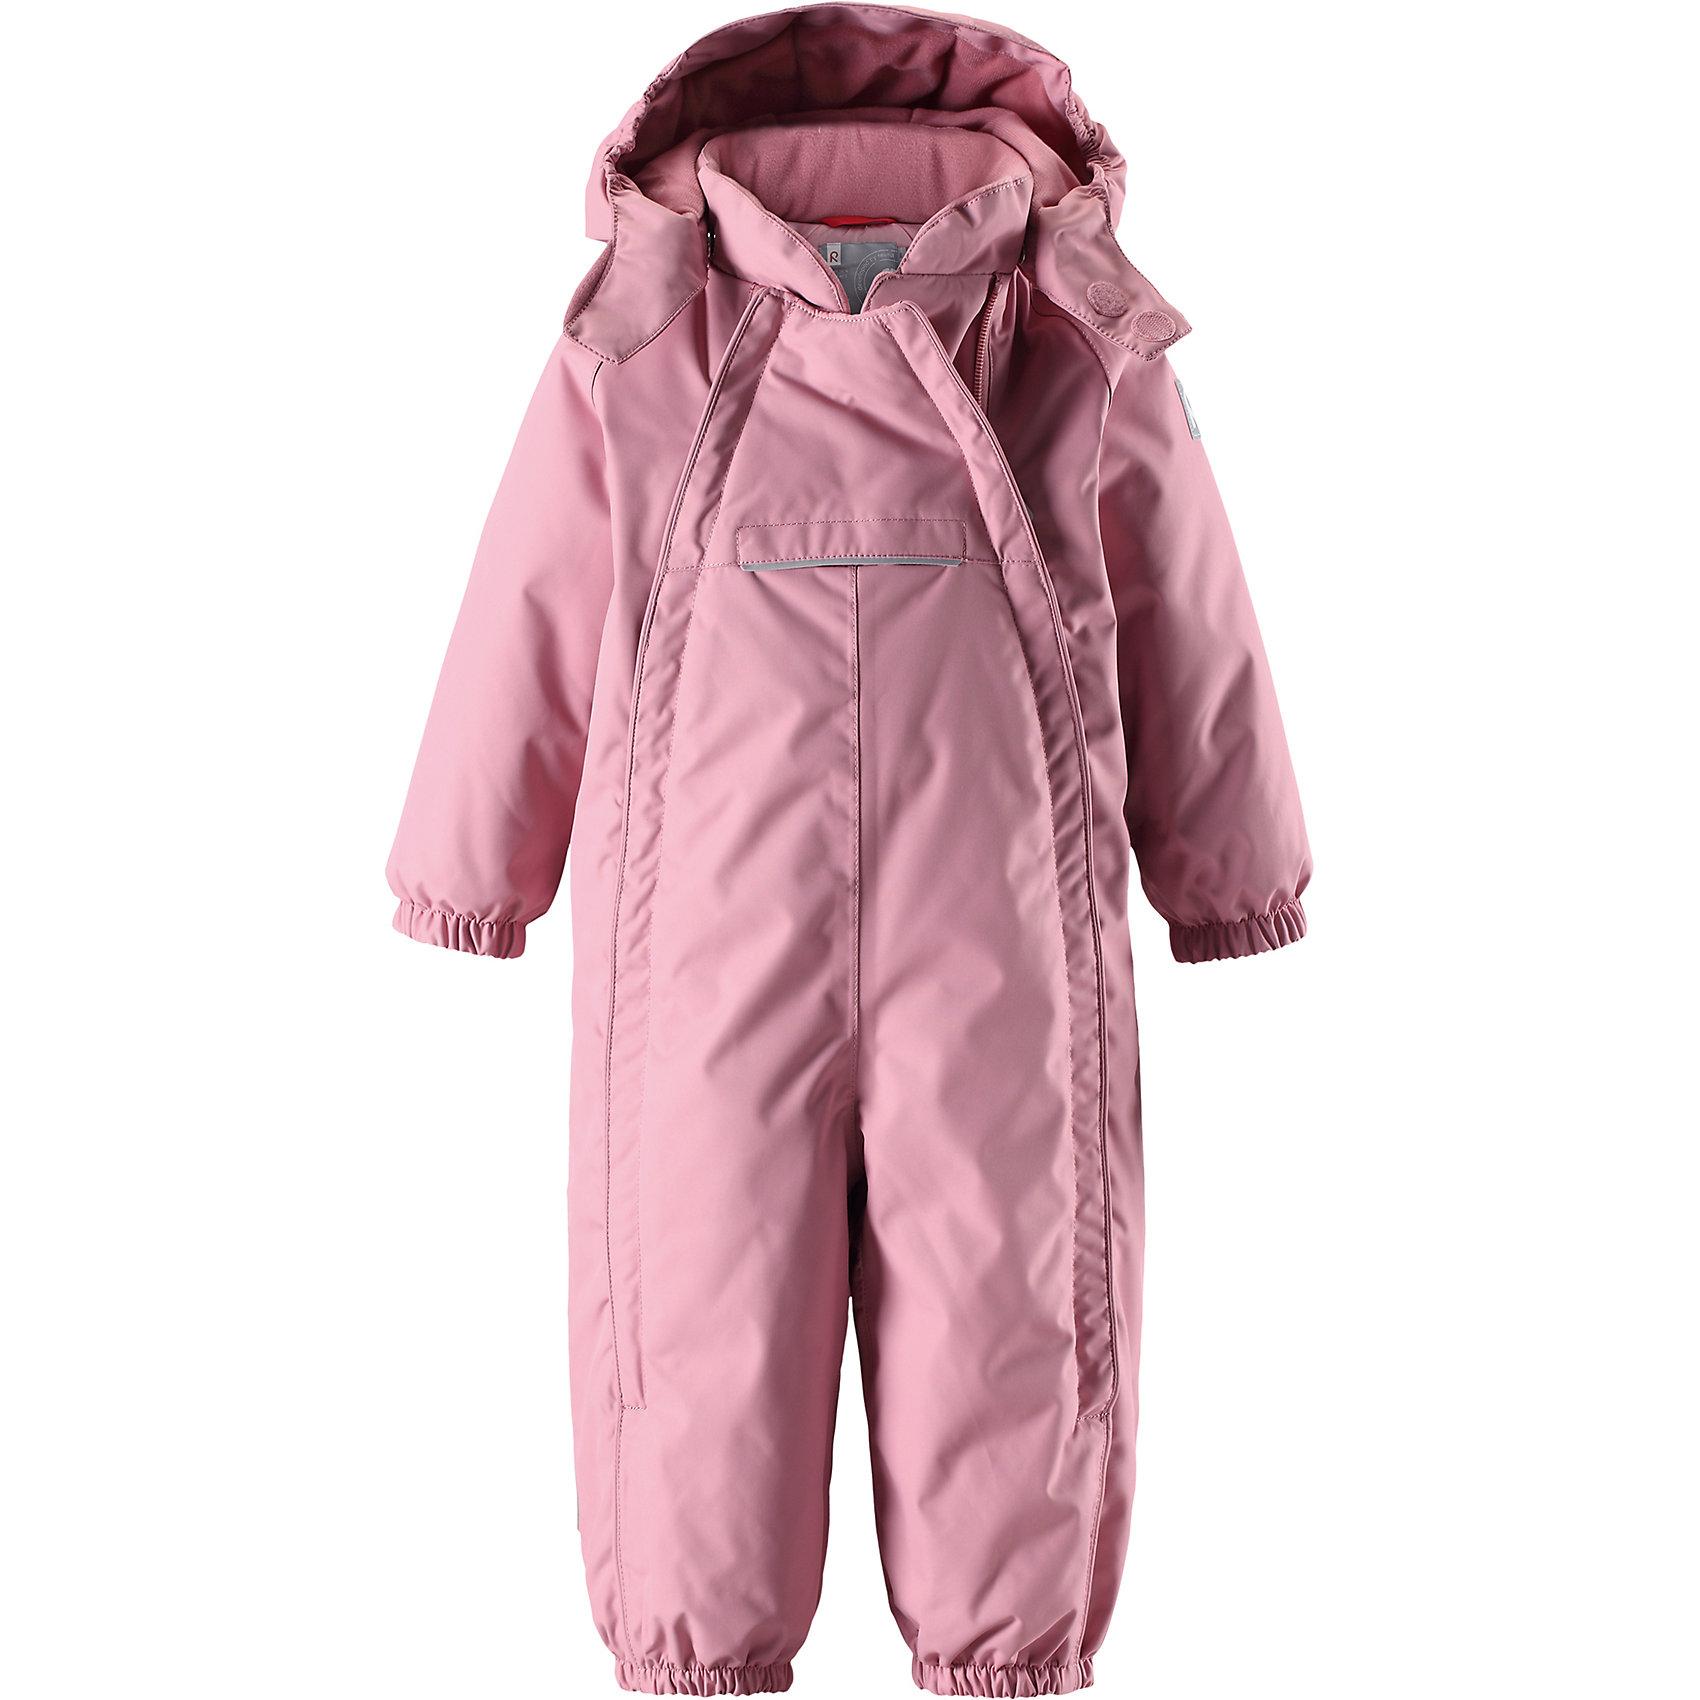 Комбинезон Reima Reimatec® CopenhagenВерхняя одежда<br>Характеристики товара:<br><br>• цвет: светло-розовый <br>• состав: 100% полиэстер<br>• утеплитель: 100% полиэстер, 160 г/м2 (soft loft insulation)<br>• сезон: зима<br>• температурный режим: от 0 до -20С<br>• водонепроницаемость: 15000 мм<br>• воздухопроницаемость: 7000 мм<br>• износостойкость: 40000 циклов (тест Мартиндейла)<br>• особенности модели: однотонный, с двойной молнией<br>• основные швы проклеены и не пропускают влагу<br>• водо- и ветронепроницаемый, дышащий и грязеотталкивающий материал<br>• утепленная задняя часть изделия<br>• гладкая подкладка из полиэстера<br>• безопасный, съемный капюшон на кнопках<br>• защита подбородка от защемления<br>• эластичные манжеты и штанины<br>• эластичная резинка по краю капюшона<br>• эластичная талия<br>• съемные эластичные штрипки <br>• длинная двойная молния для легкого надевания<br>• передний карман на молнии<br>• светоотражающие детали<br>• страна бренда: Финляндия<br>• страна изготовитель: Китай<br><br>Стильный, зимний комбинезон на молнии Reimatec® в котором дети могут гулять целый день и при этом не намокнуть. Водо и ветронепроницаемый комбинезон изготовлен из прочного, дышащего материала.<br><br>Благодаря двум молниям во всю длину, этот комбинезон легко надевается, а утепленная задняя часть обеспечит сухость во время зимних забав. Передний карман на молнии. Съемный капюшон обеспечит защиту от пронизывающего ветра и безопасность во время игр на свежем воздухе. <br><br>Кнопки легко отстегиваются, если капюшон случайно за что-нибудь зацепится. По краю капюшон снабжен эластичной резинкой. Зимний комбинезон с капюшоном очень прост в уходе, кроме того, его можно сушить в сушильной машине.<br><br>Комбинезон Copenhagen Reimatec® Reima от финского бренда Reima (Рейма) можно купить в нашем интернет-магазине.<br><br>Ширина мм: 356<br>Глубина мм: 10<br>Высота мм: 245<br>Вес г: 519<br>Цвет: розовый<br>Возраст от месяцев: 6<br>Возраст до месяцев: 9<br>Пол: Унисекс<br>Возрас